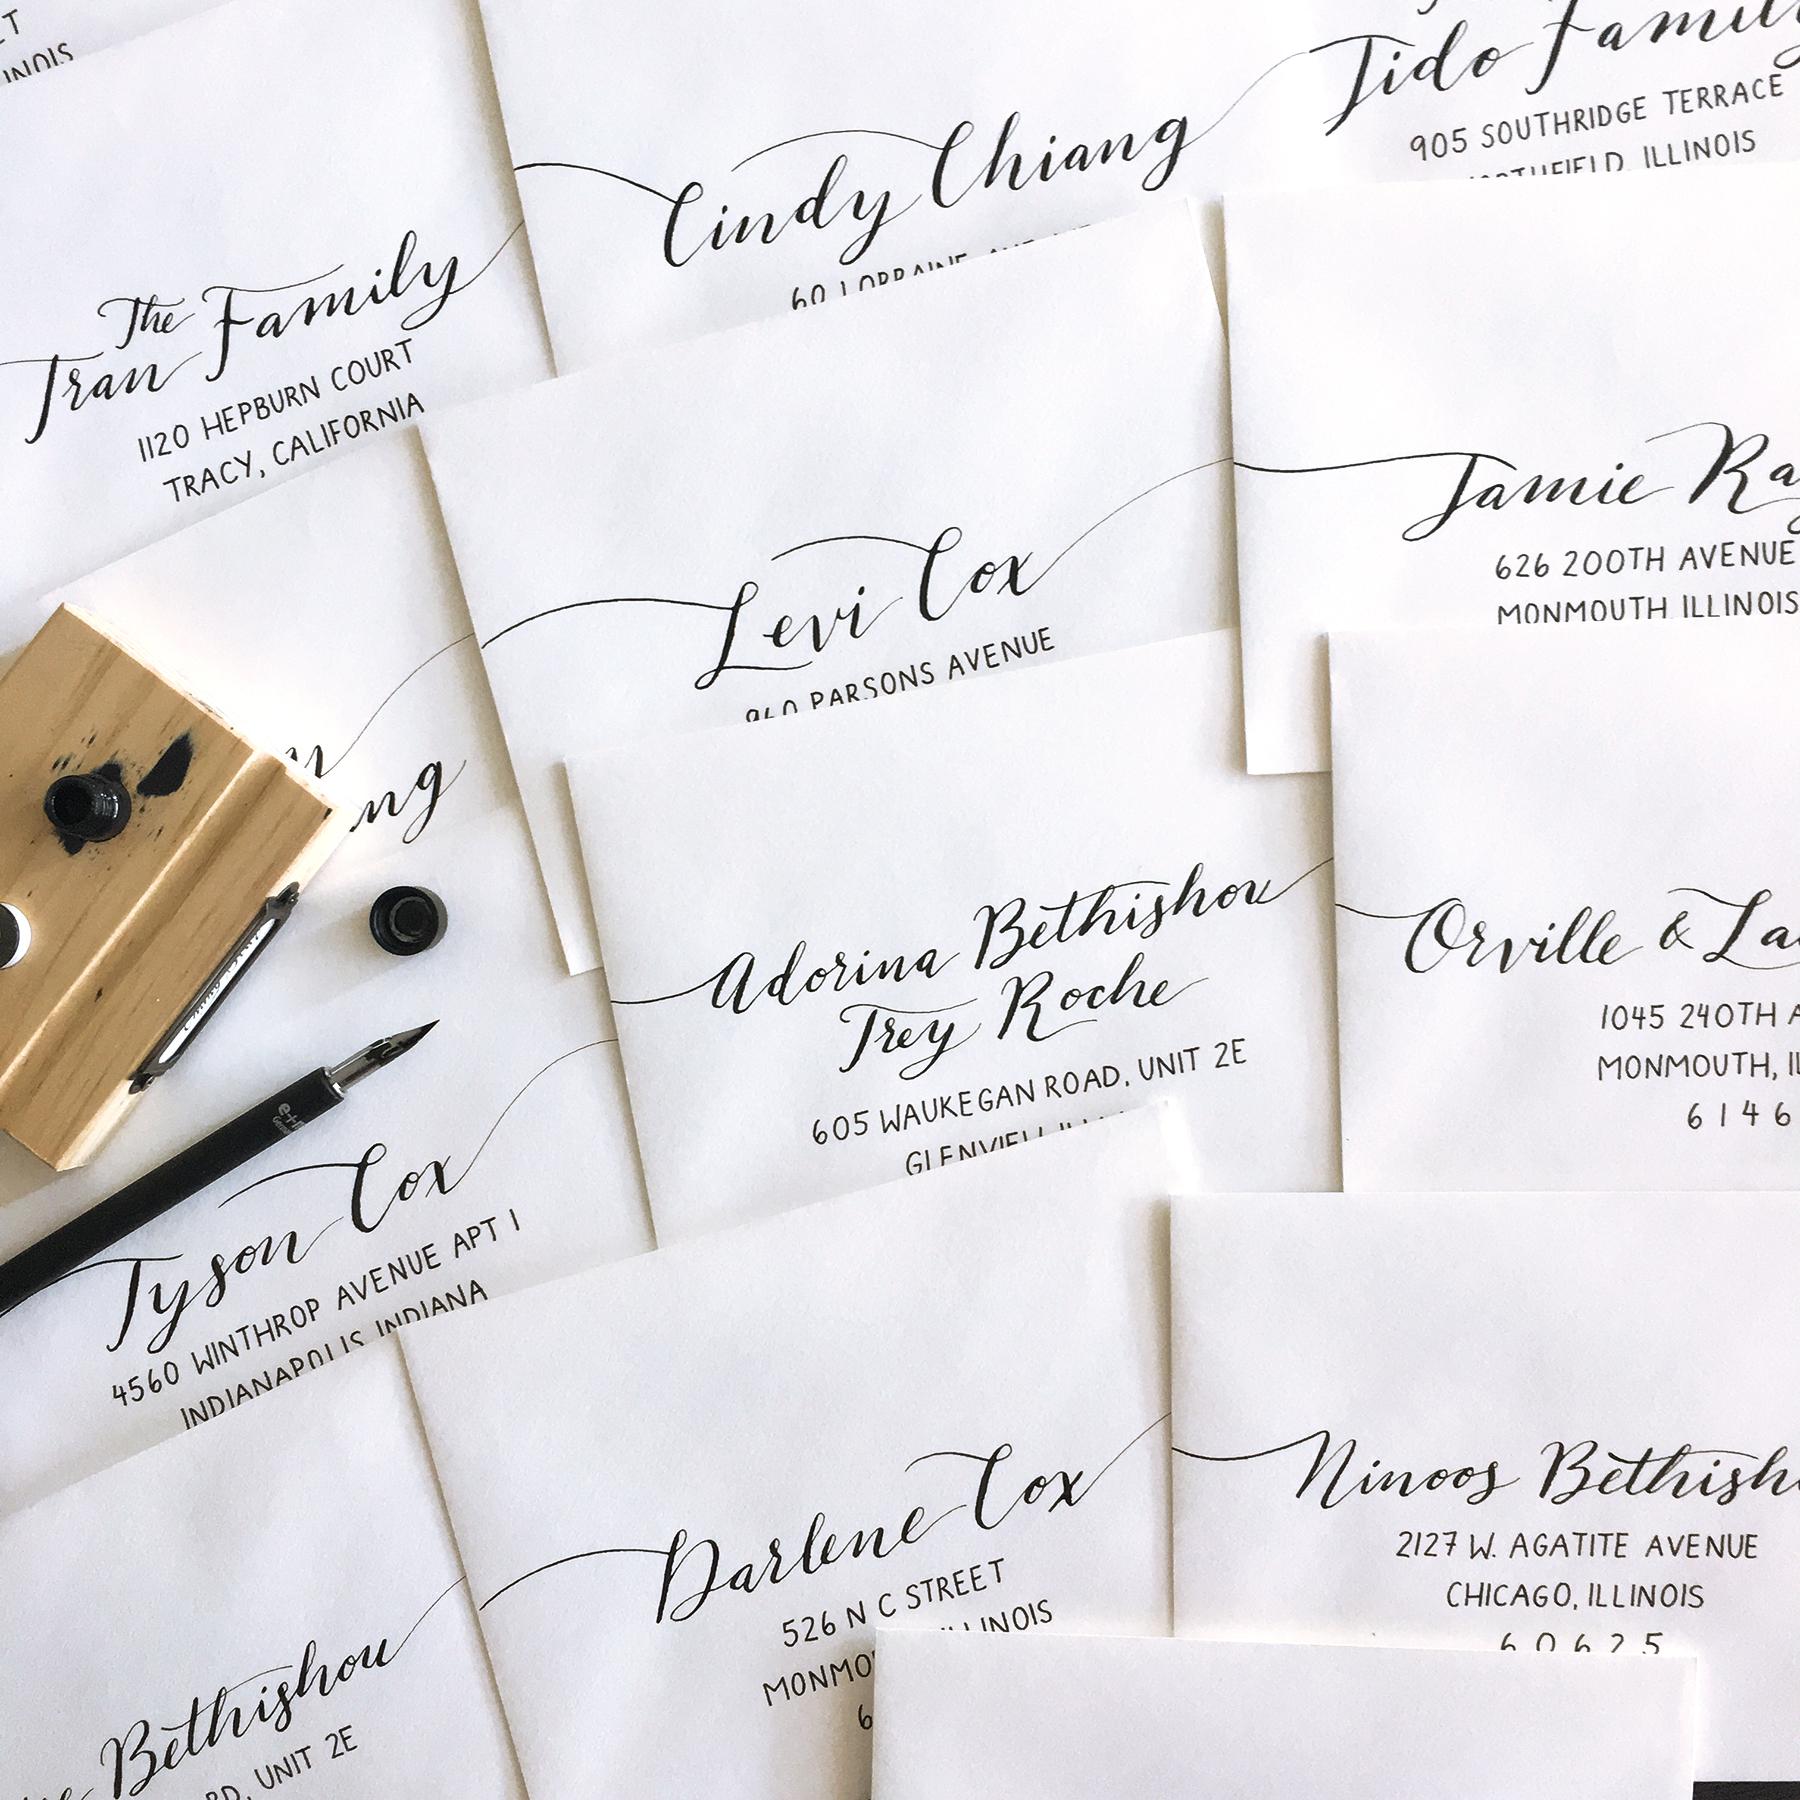 envelopes3.jpg